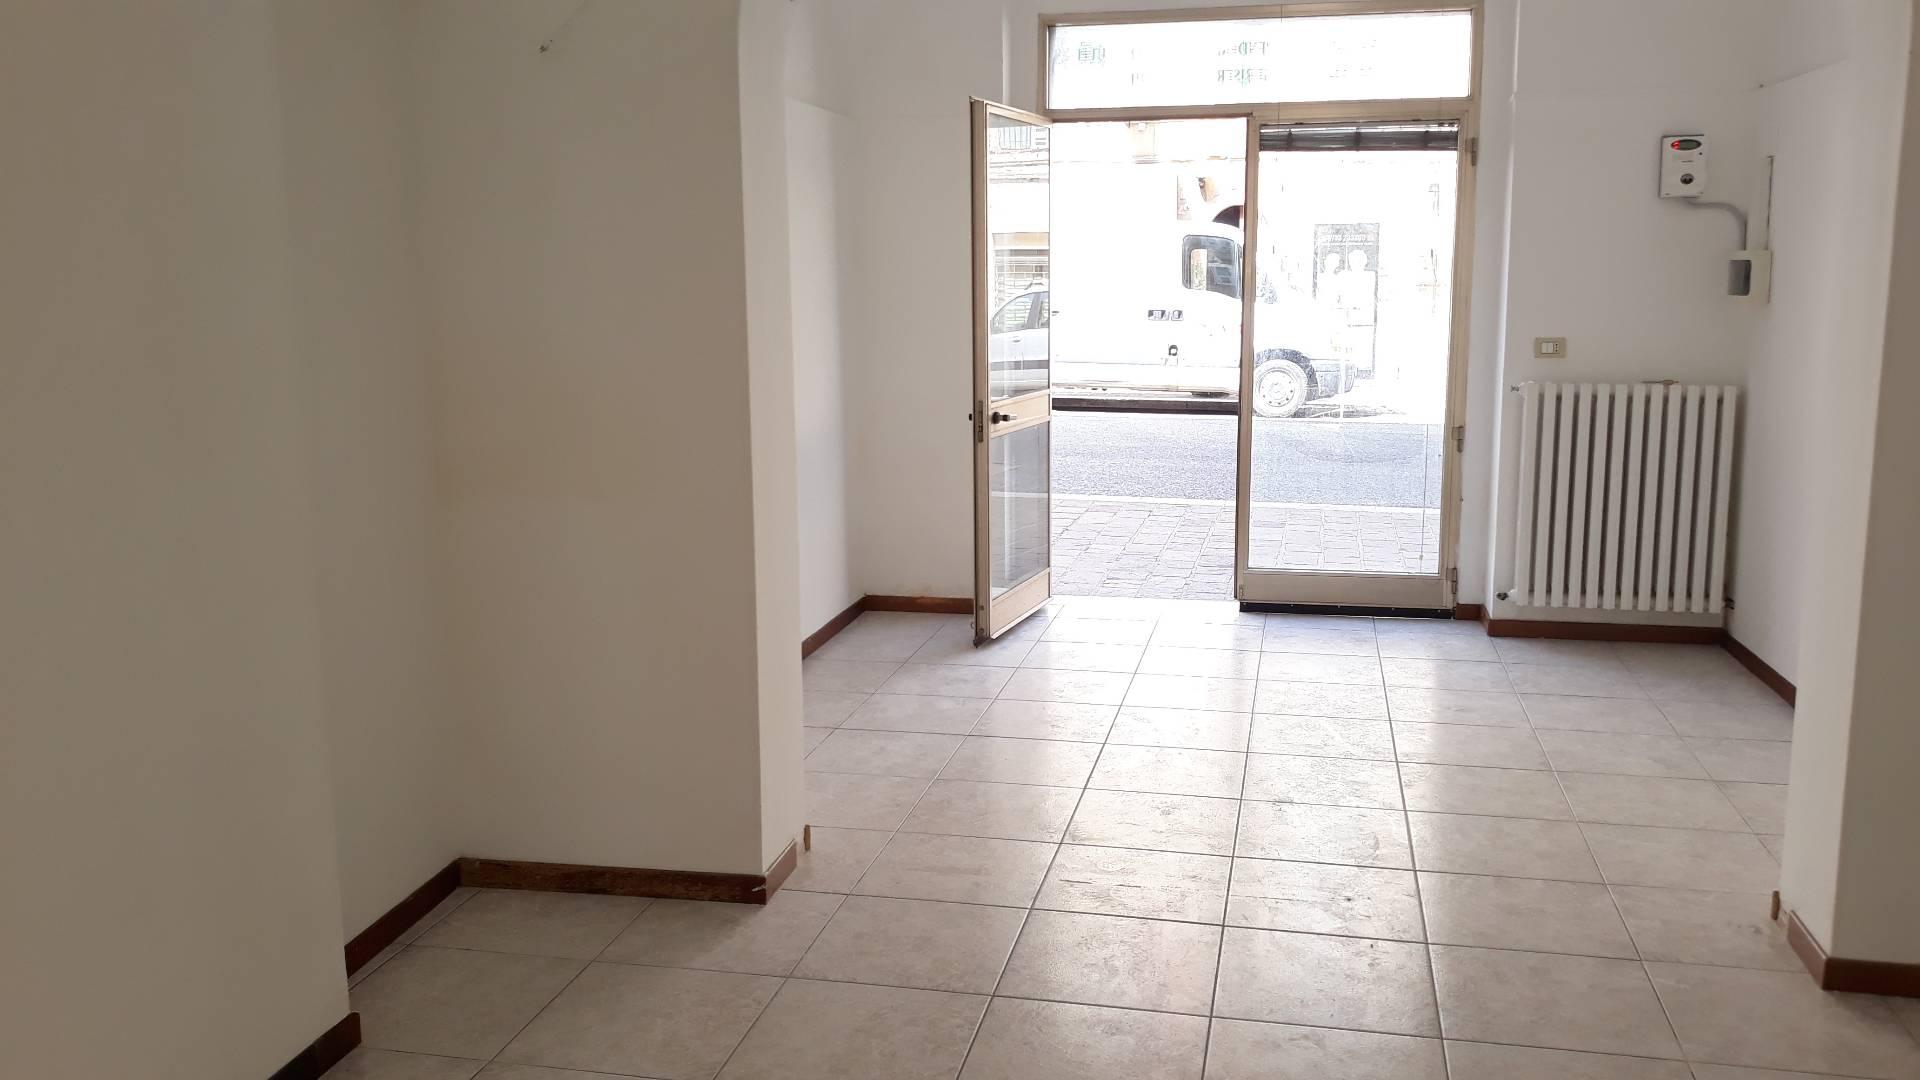 FONDO COMMERCIALE in Affitto a Macerata (MACERATA)